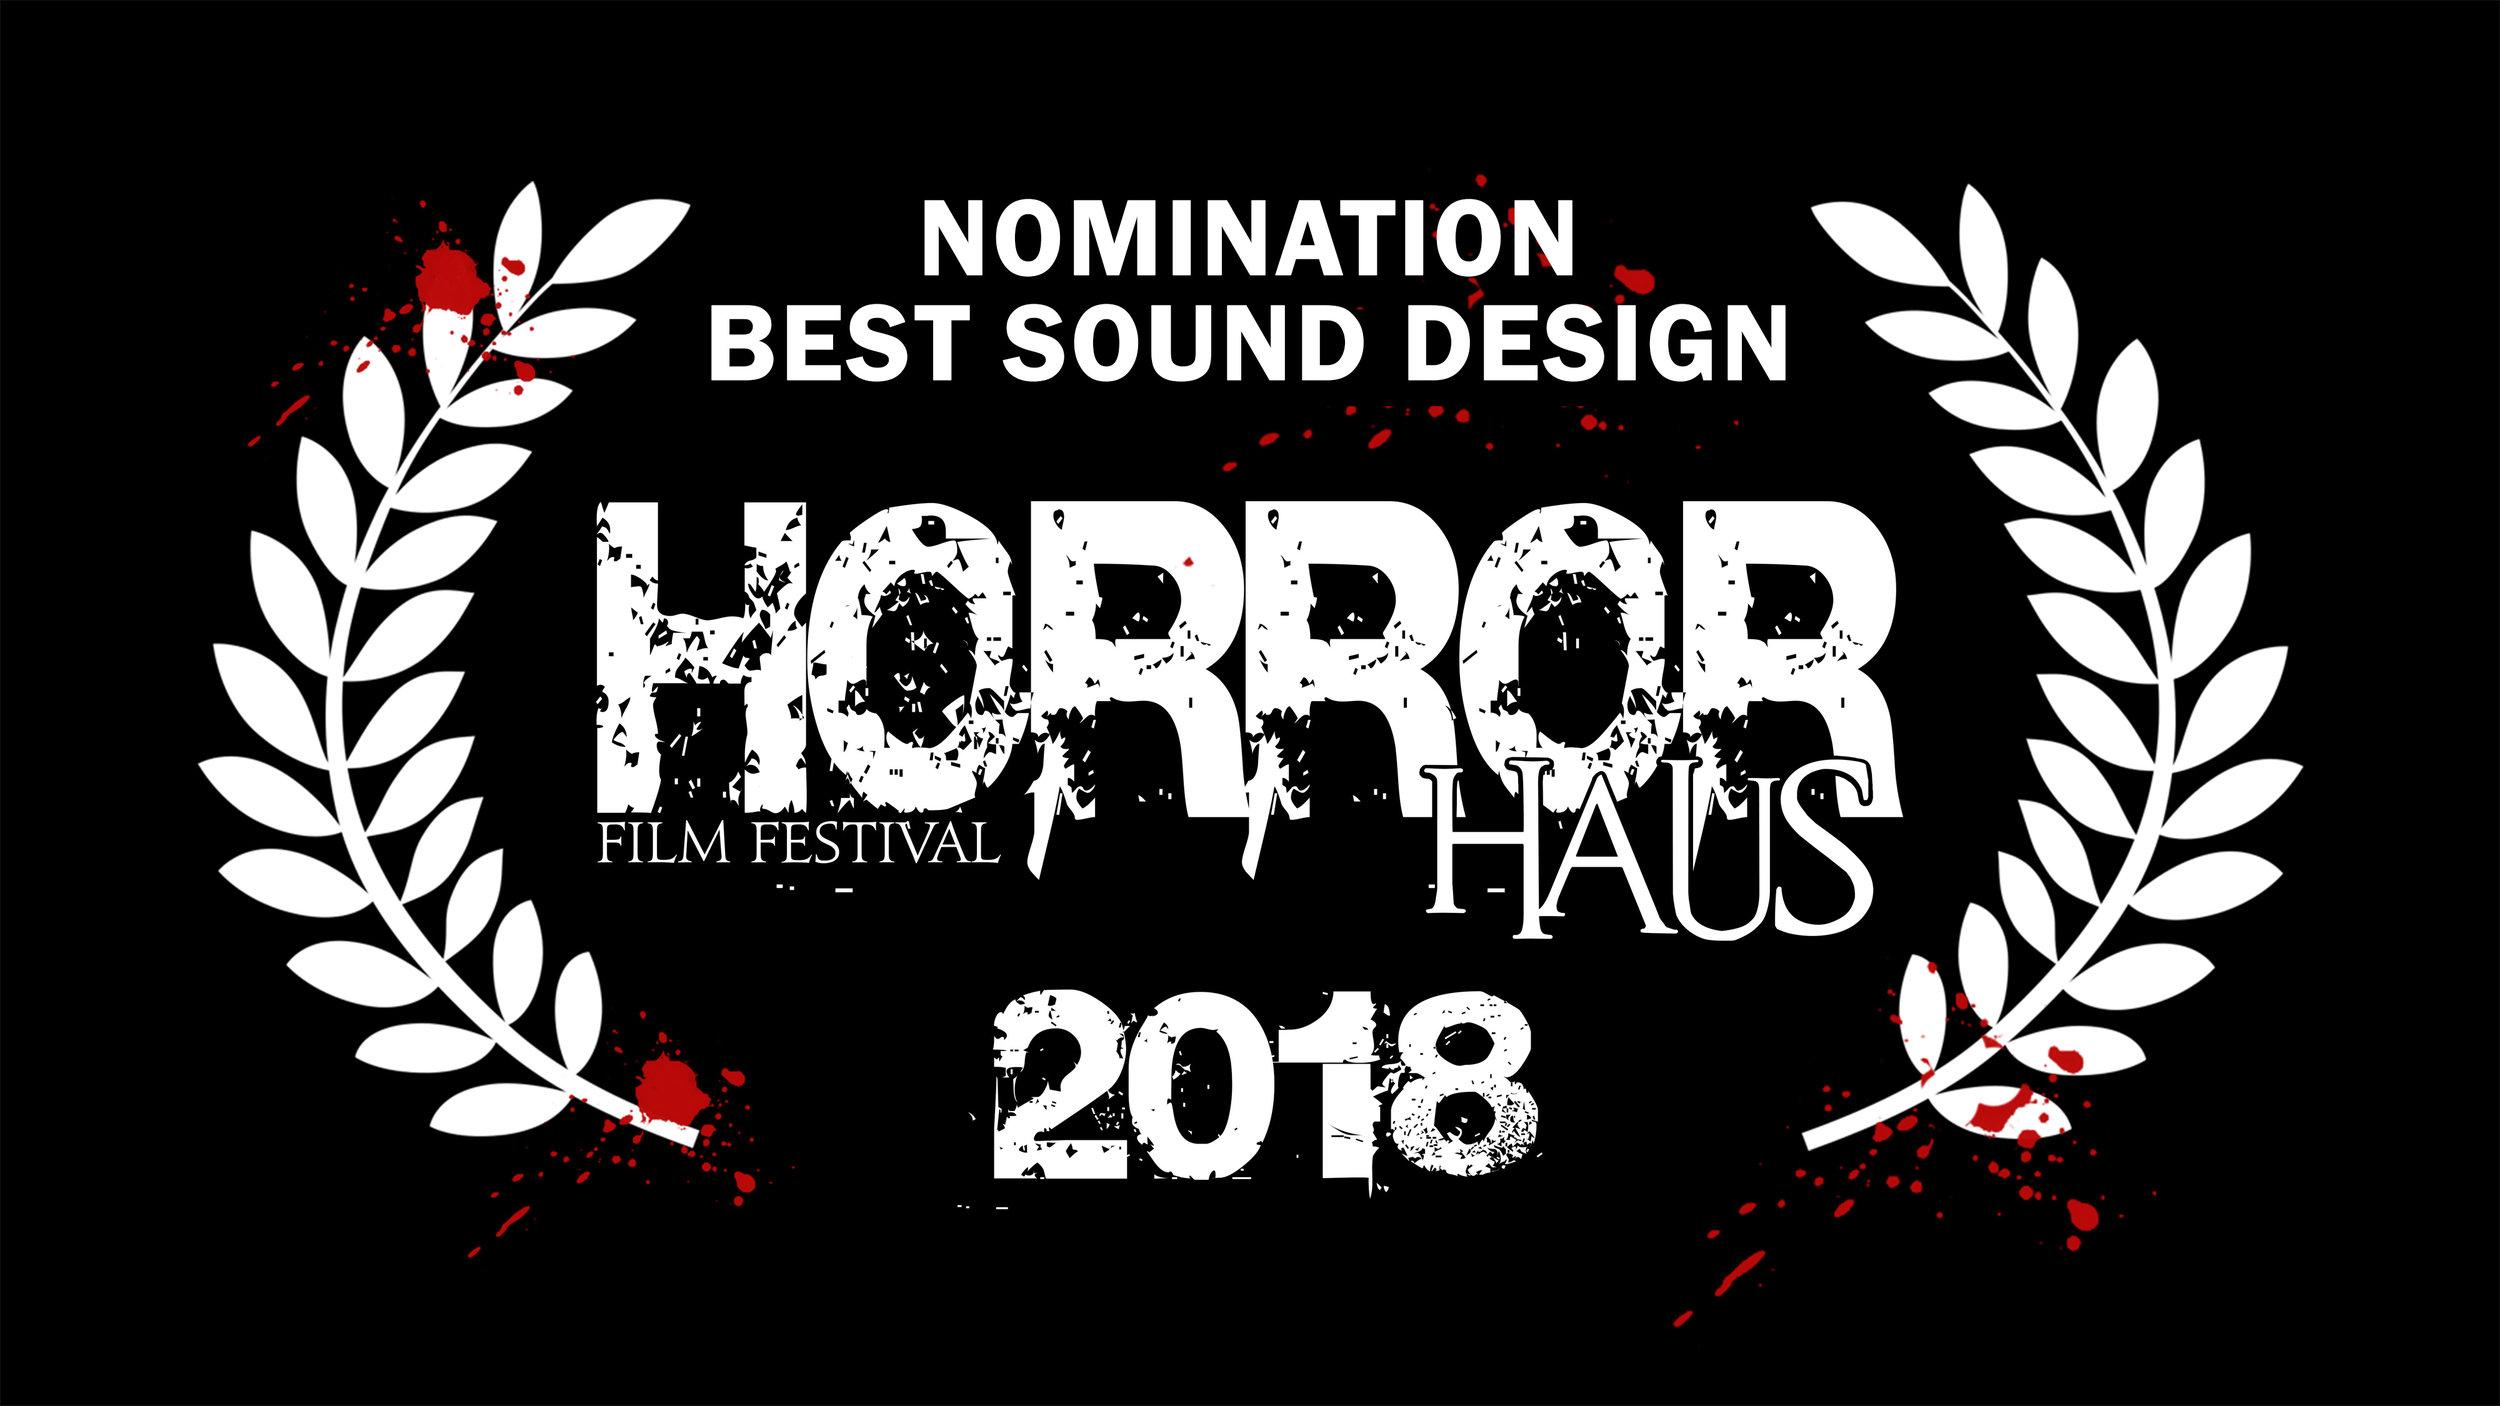 HHFF_Laurel_White_2018 best sound design nom jpeg.jpg